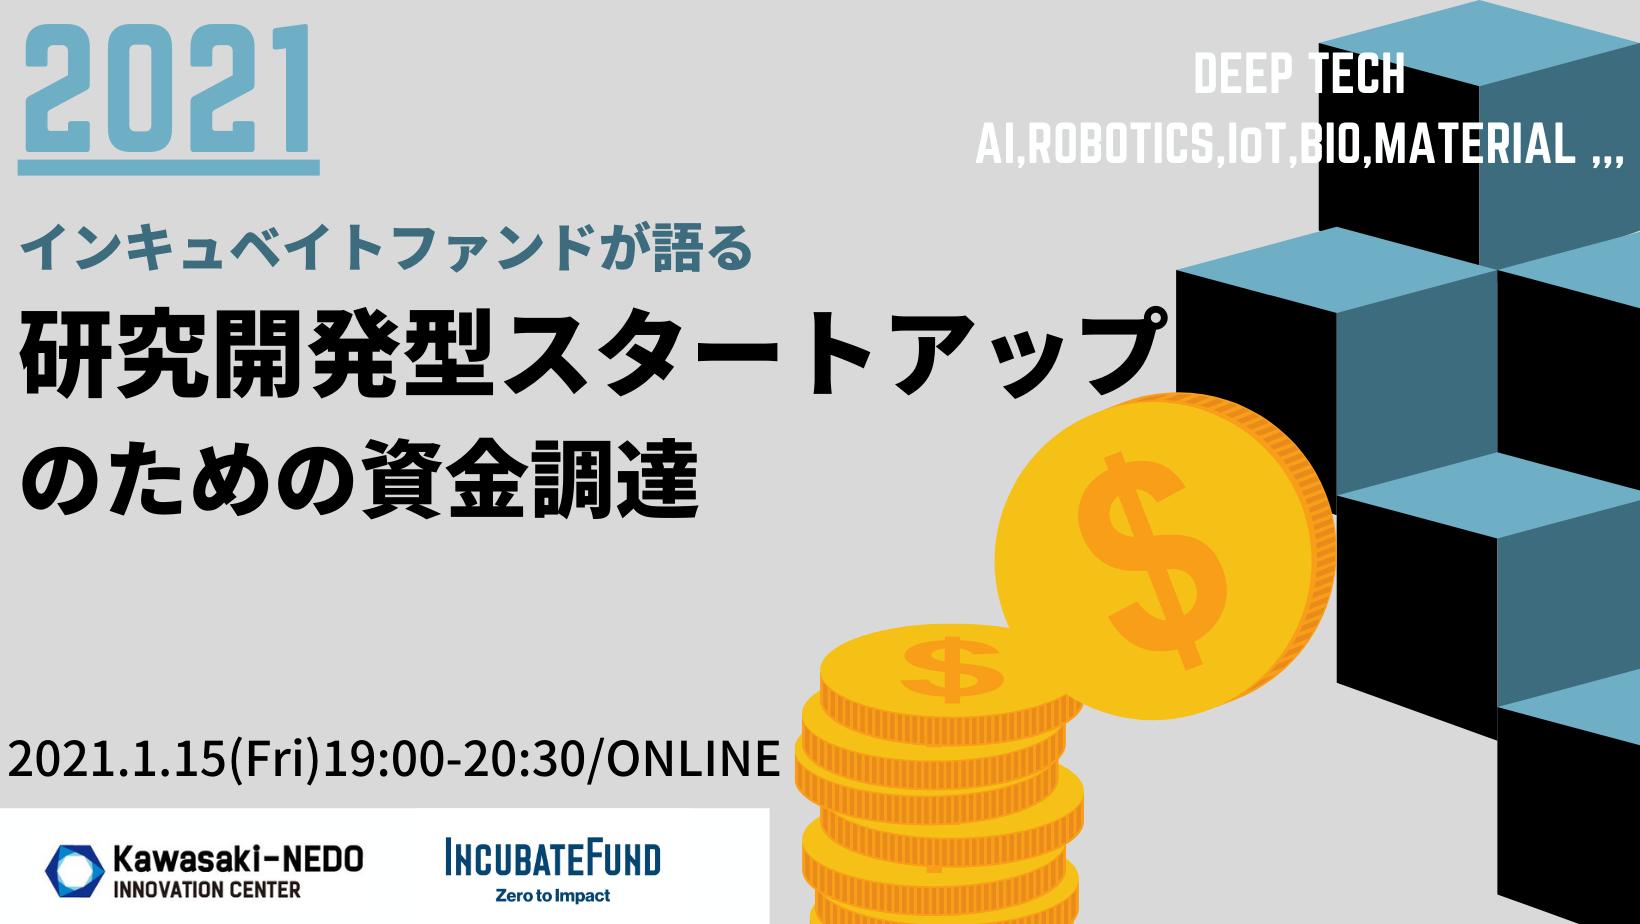 【オンライン】2021年 インキュベイトファンドが語る 研究開発型スタートアップのための資金調達